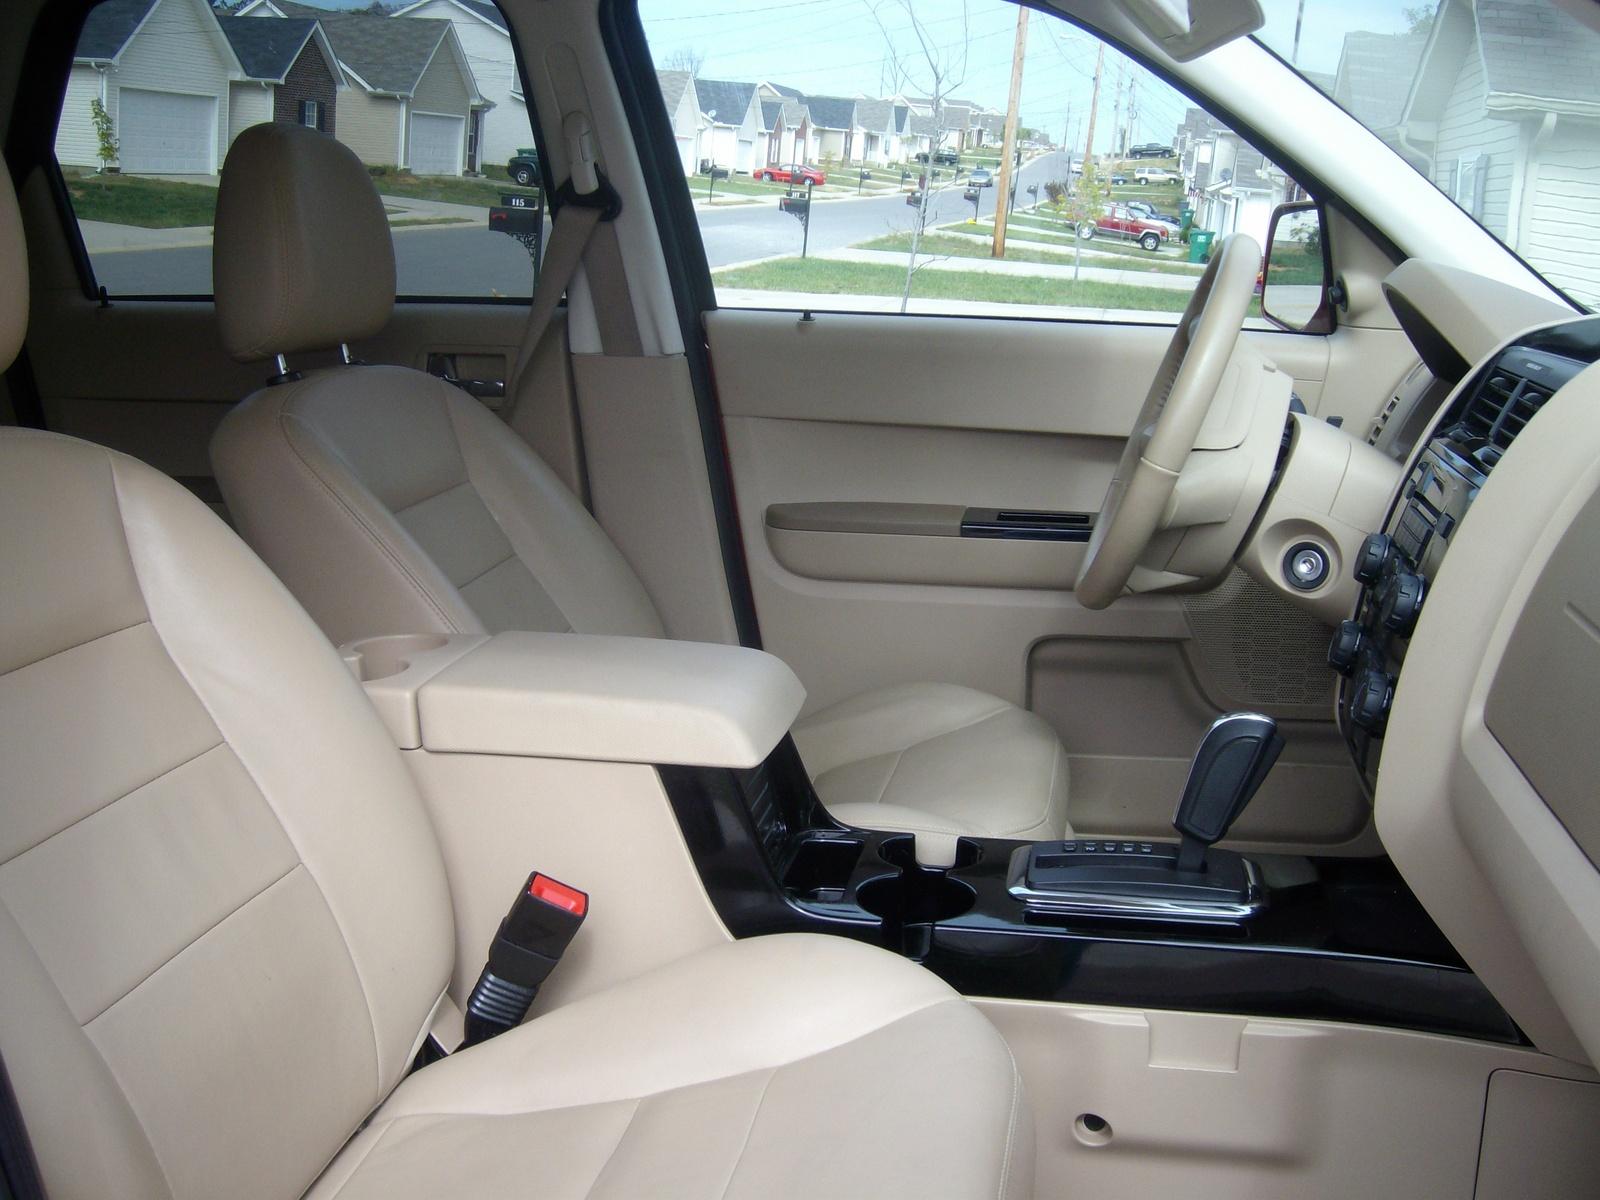 2008 Ford Escape Limited Interior Hd Image